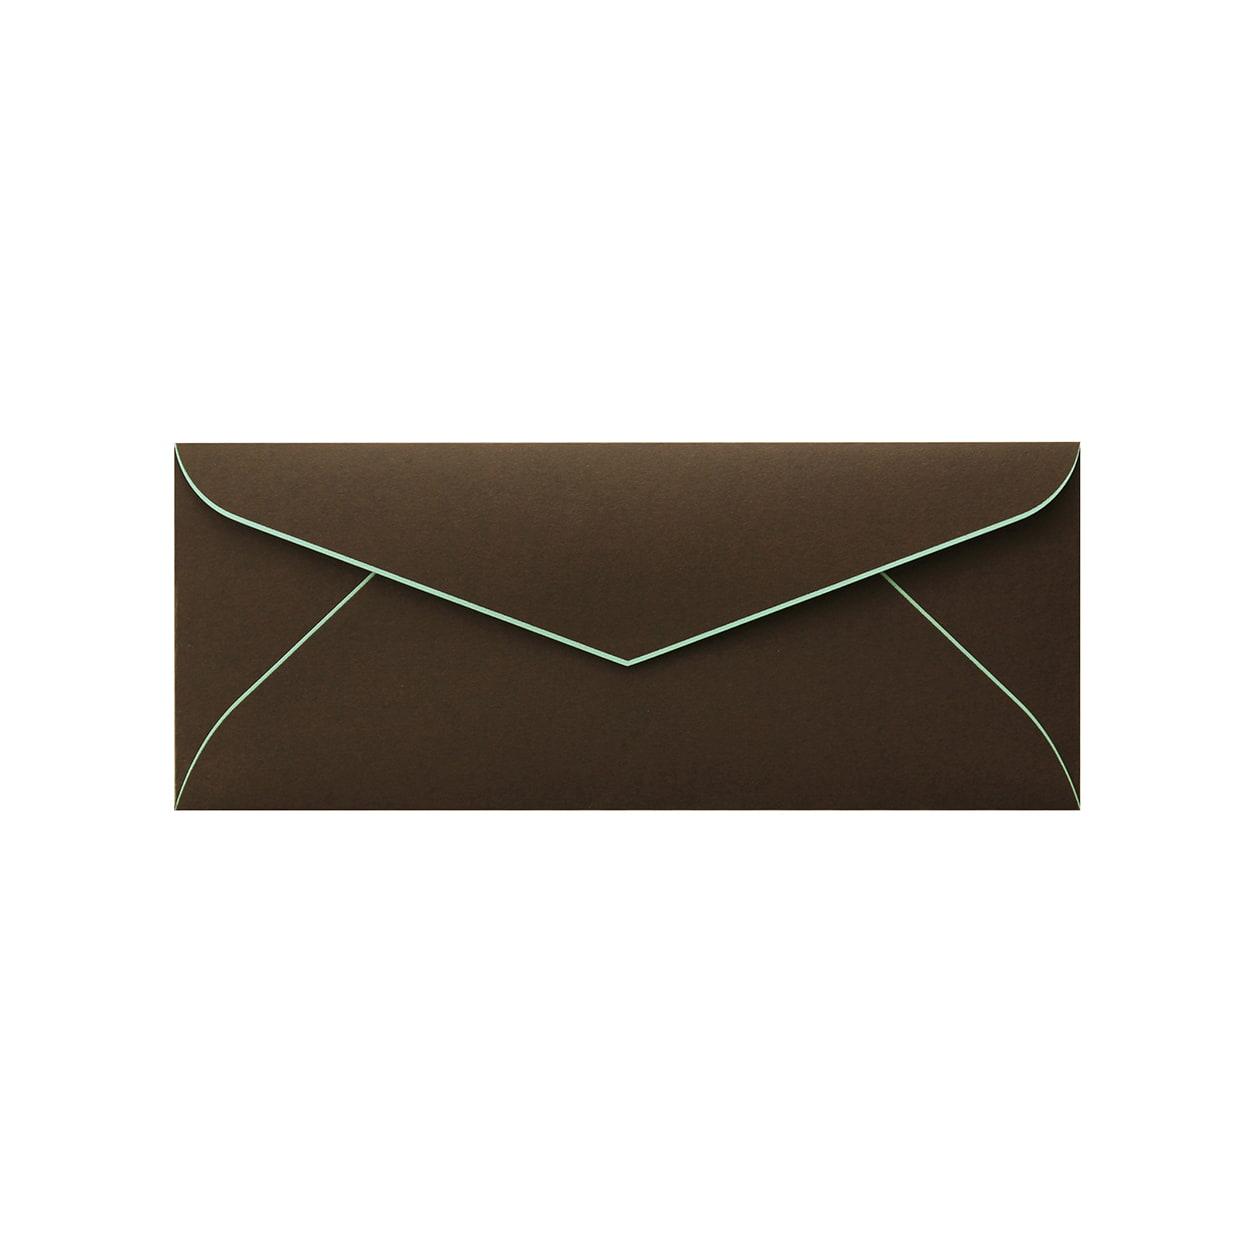 DLSダイア封筒 コットン チョコレートBDミント 116.3g